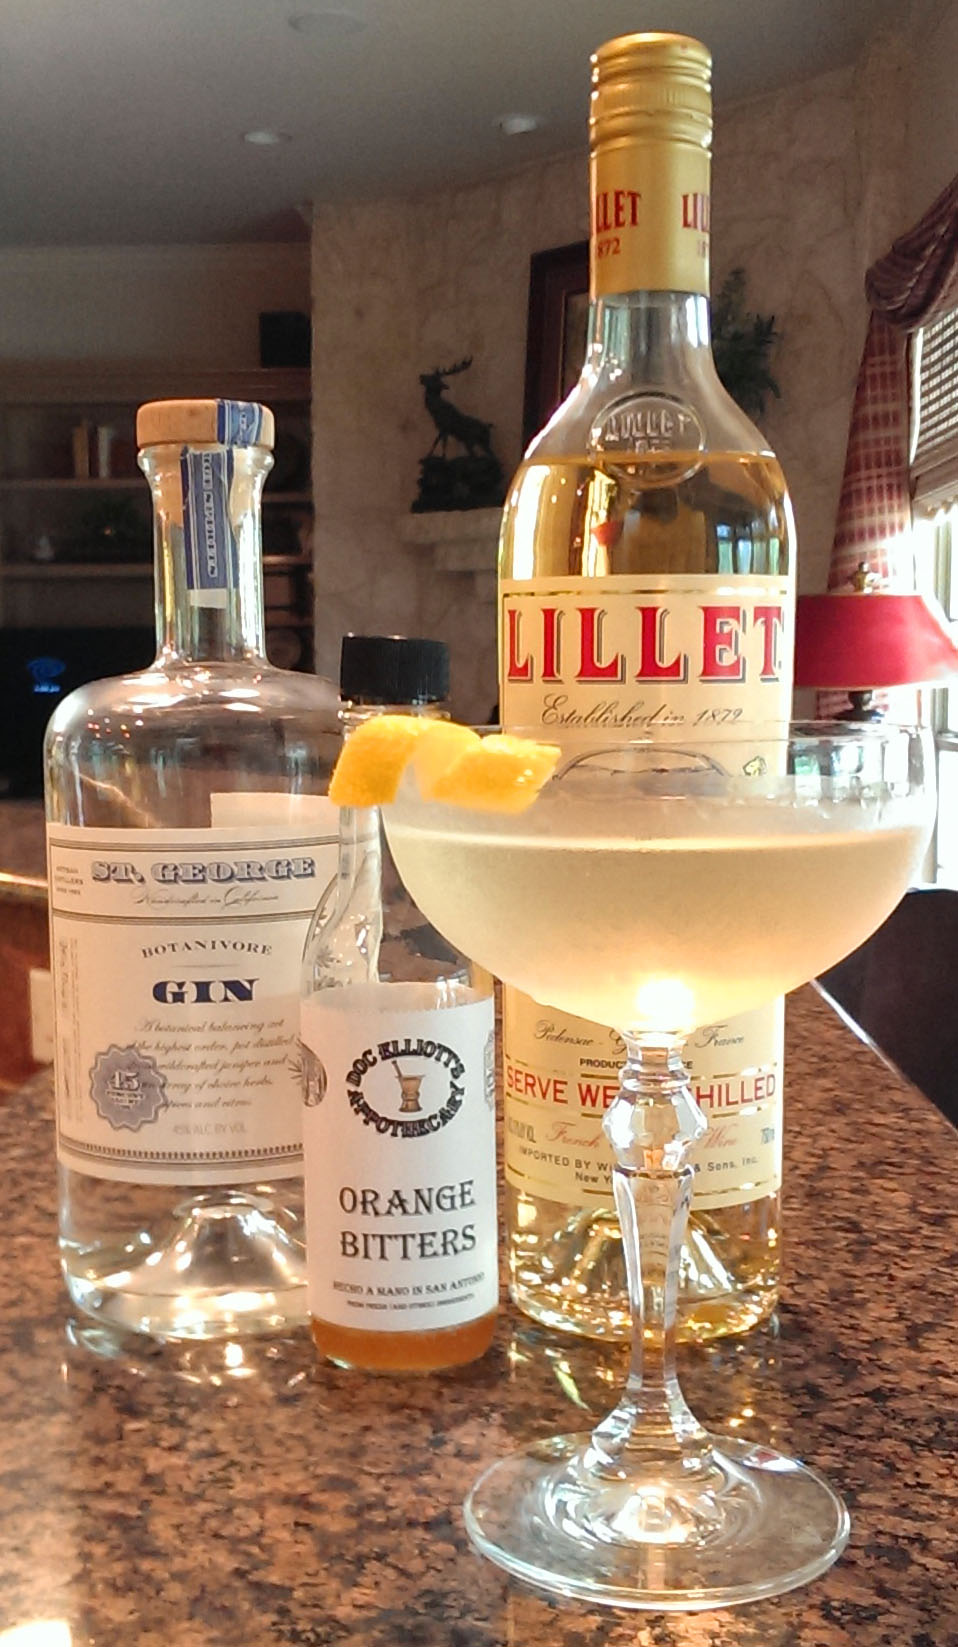 Martini Lillet